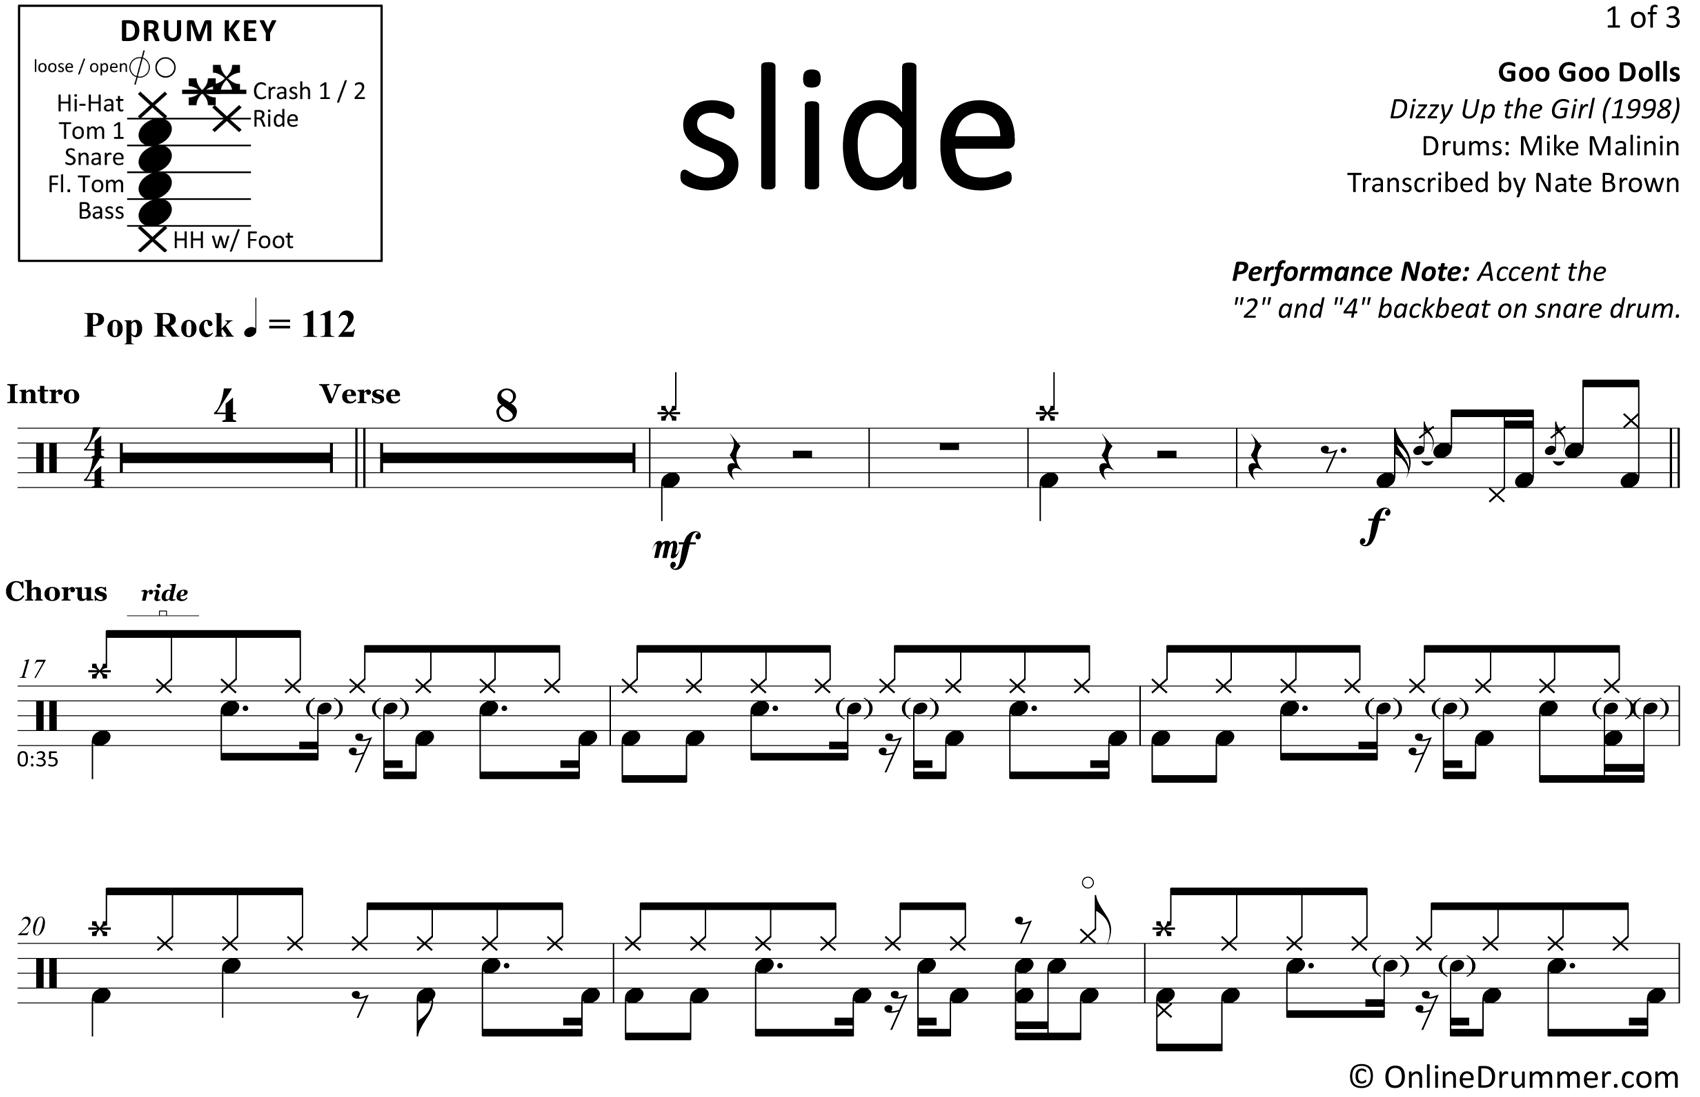 Slide - Goo Goo Dolls - Drum Sheet Music